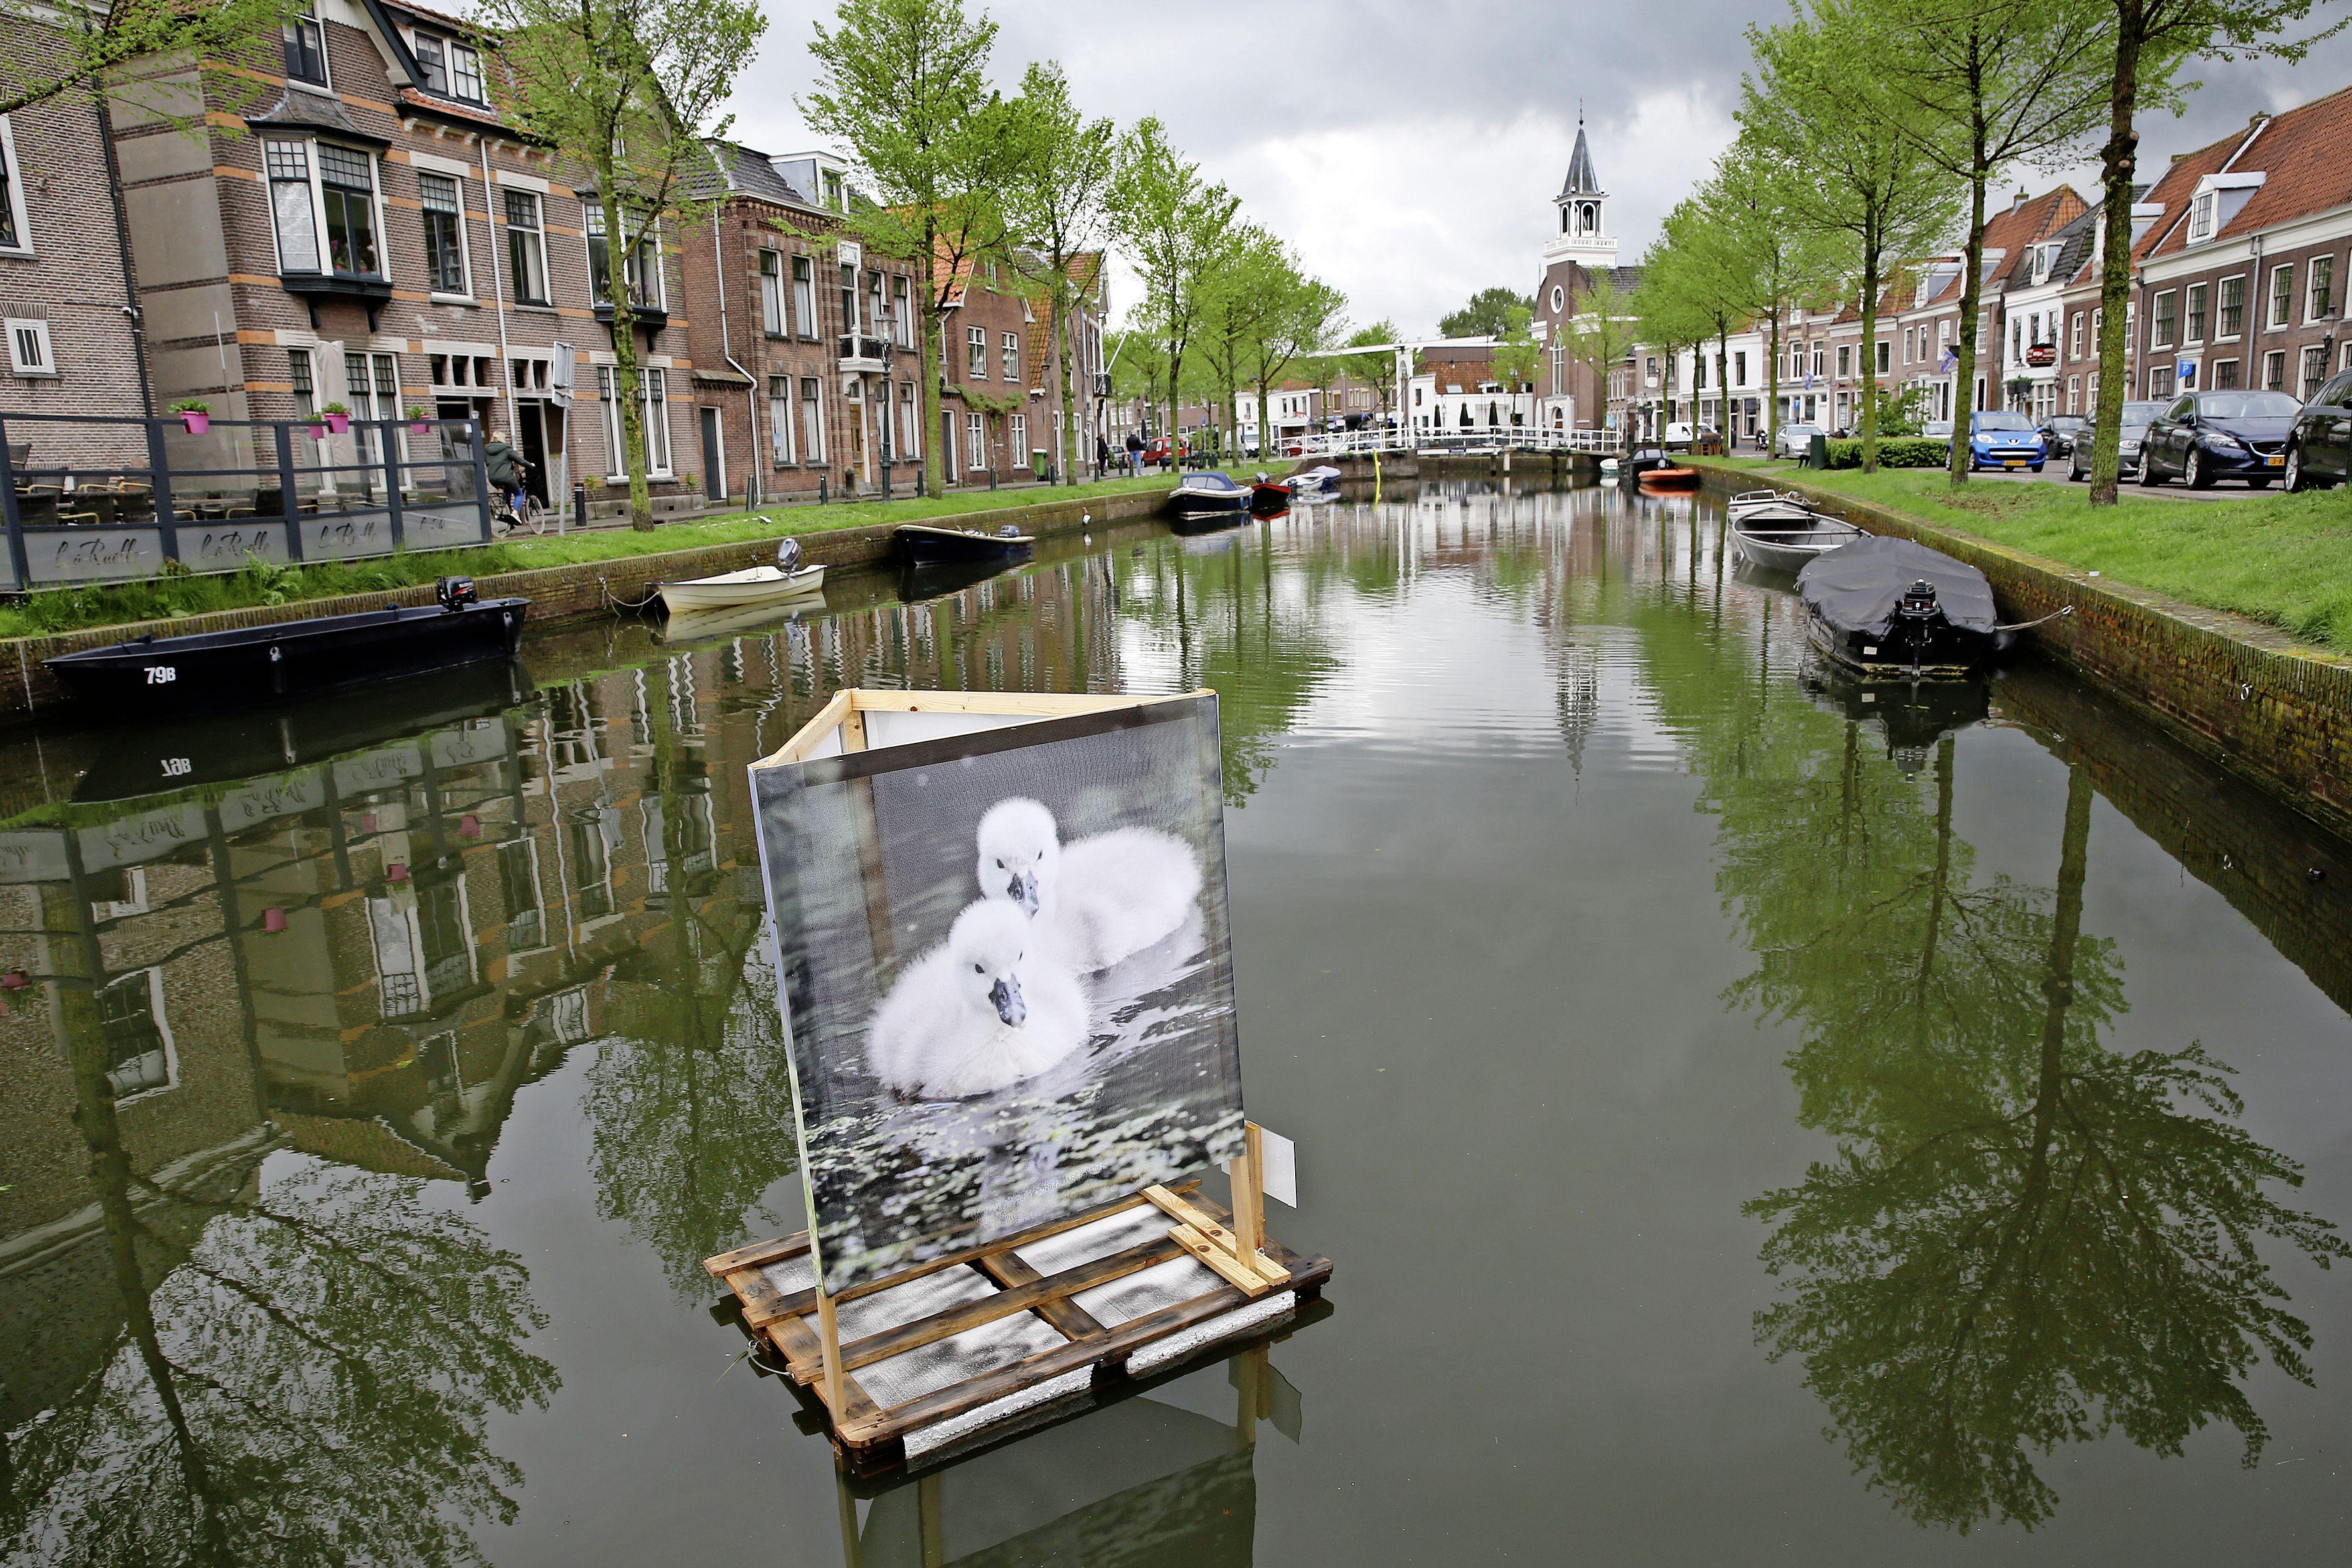 Kunstmanifestatie Weespers aan de Wand van start met drijvende beelden